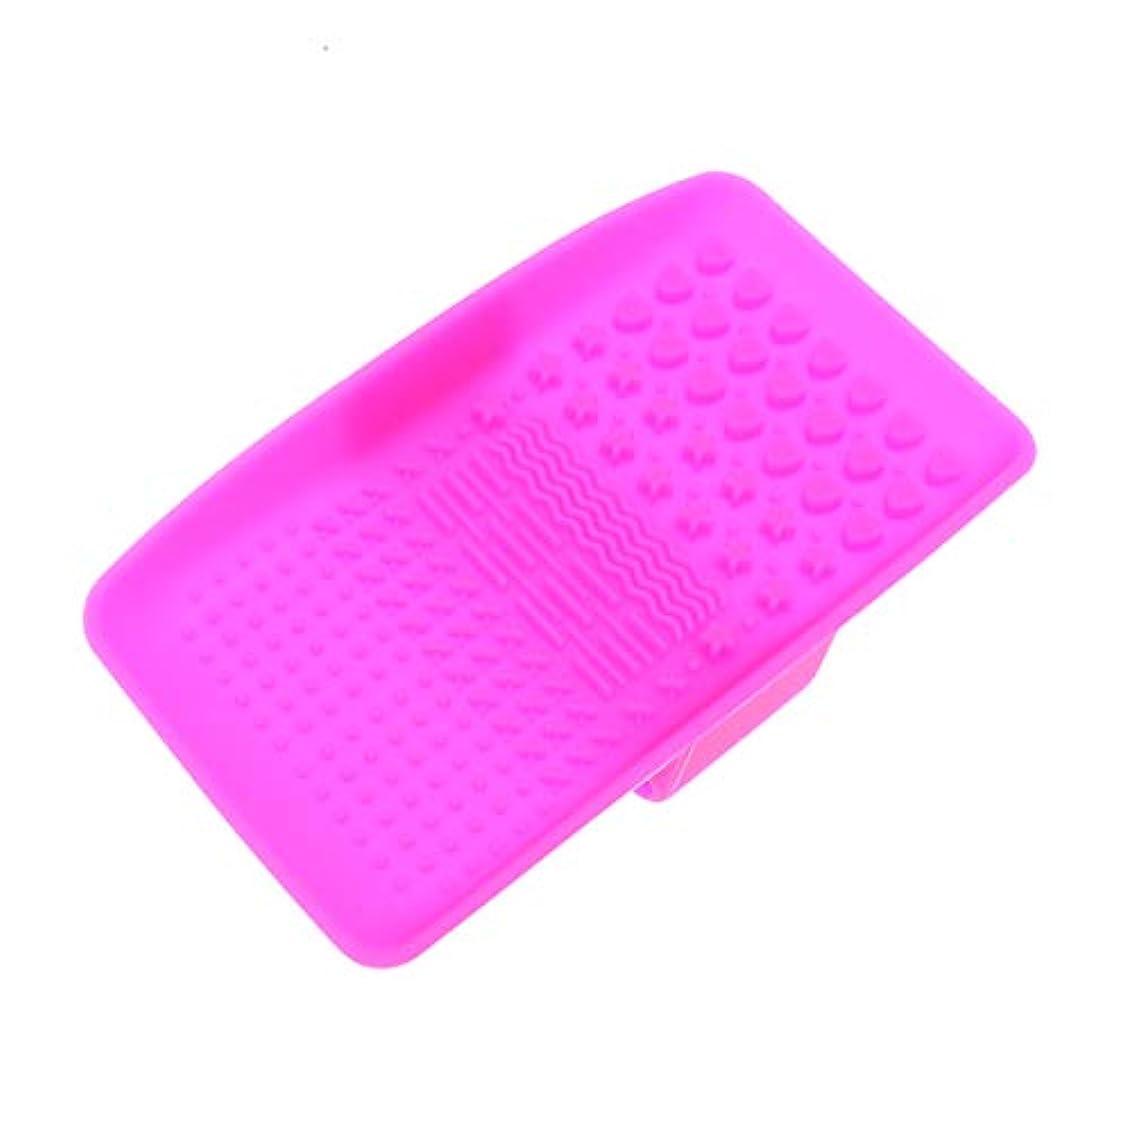 選択する占める夢Beaupretty 吸引ブラシが付いているシリコーンのブラシのクリーニングのマットの携帯用化粧品のブラシの洗剤